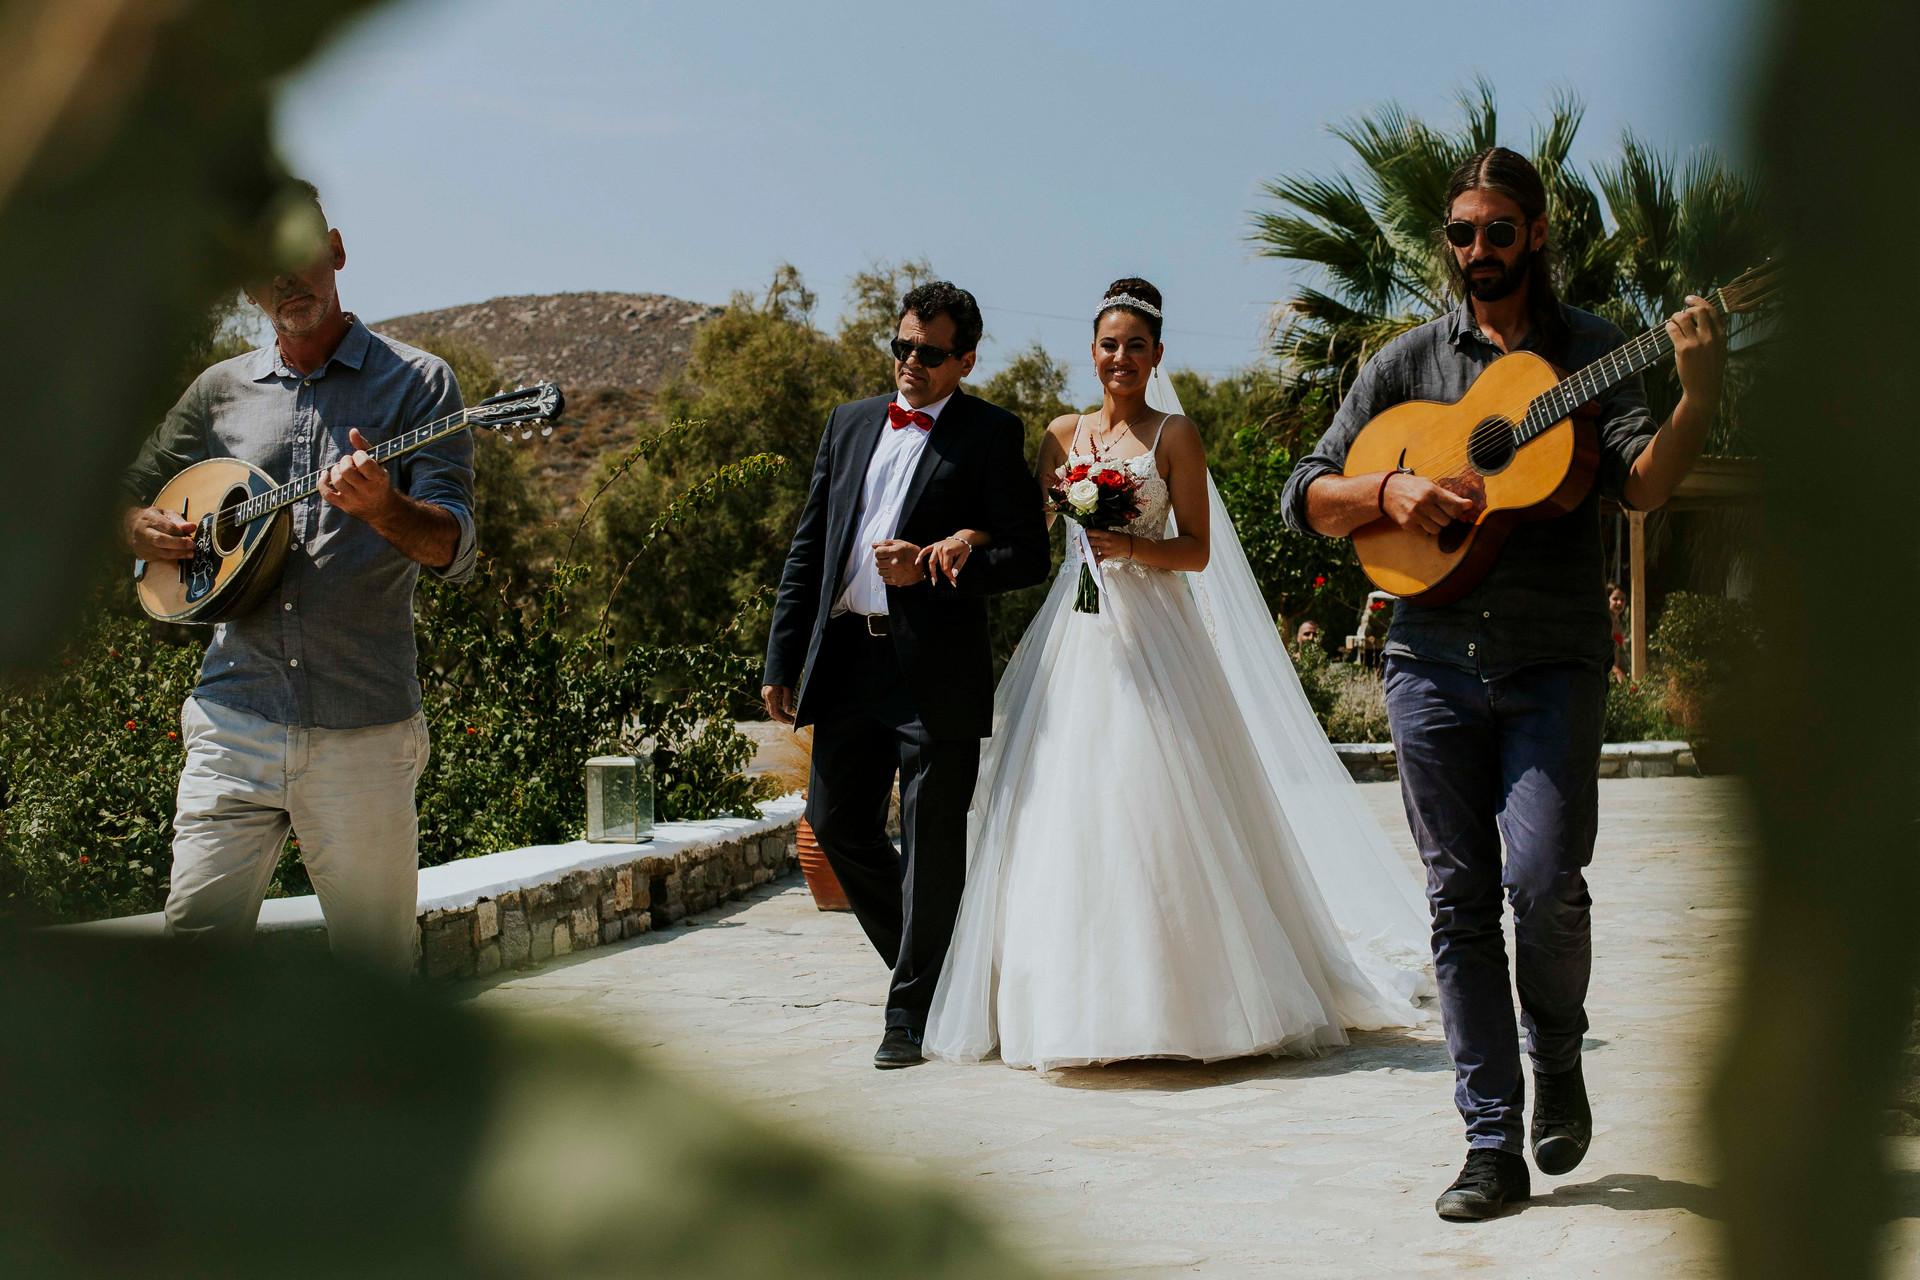 Wedding at Paros Greece-47.jpg